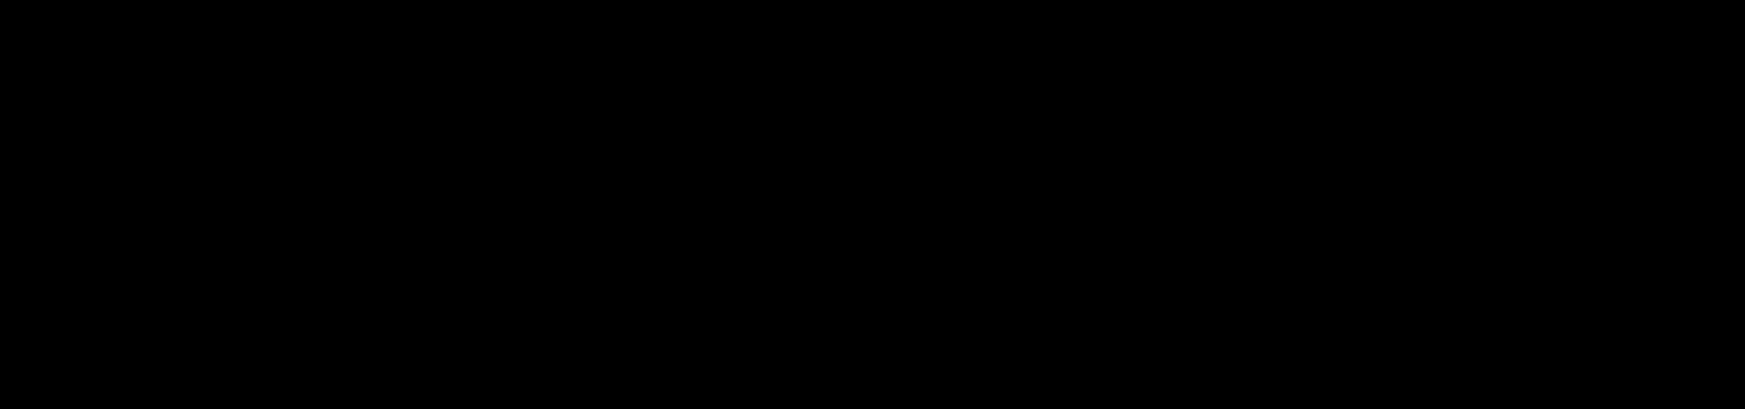 Логотип - Vampire: The Masquerade - Bloodlines 2